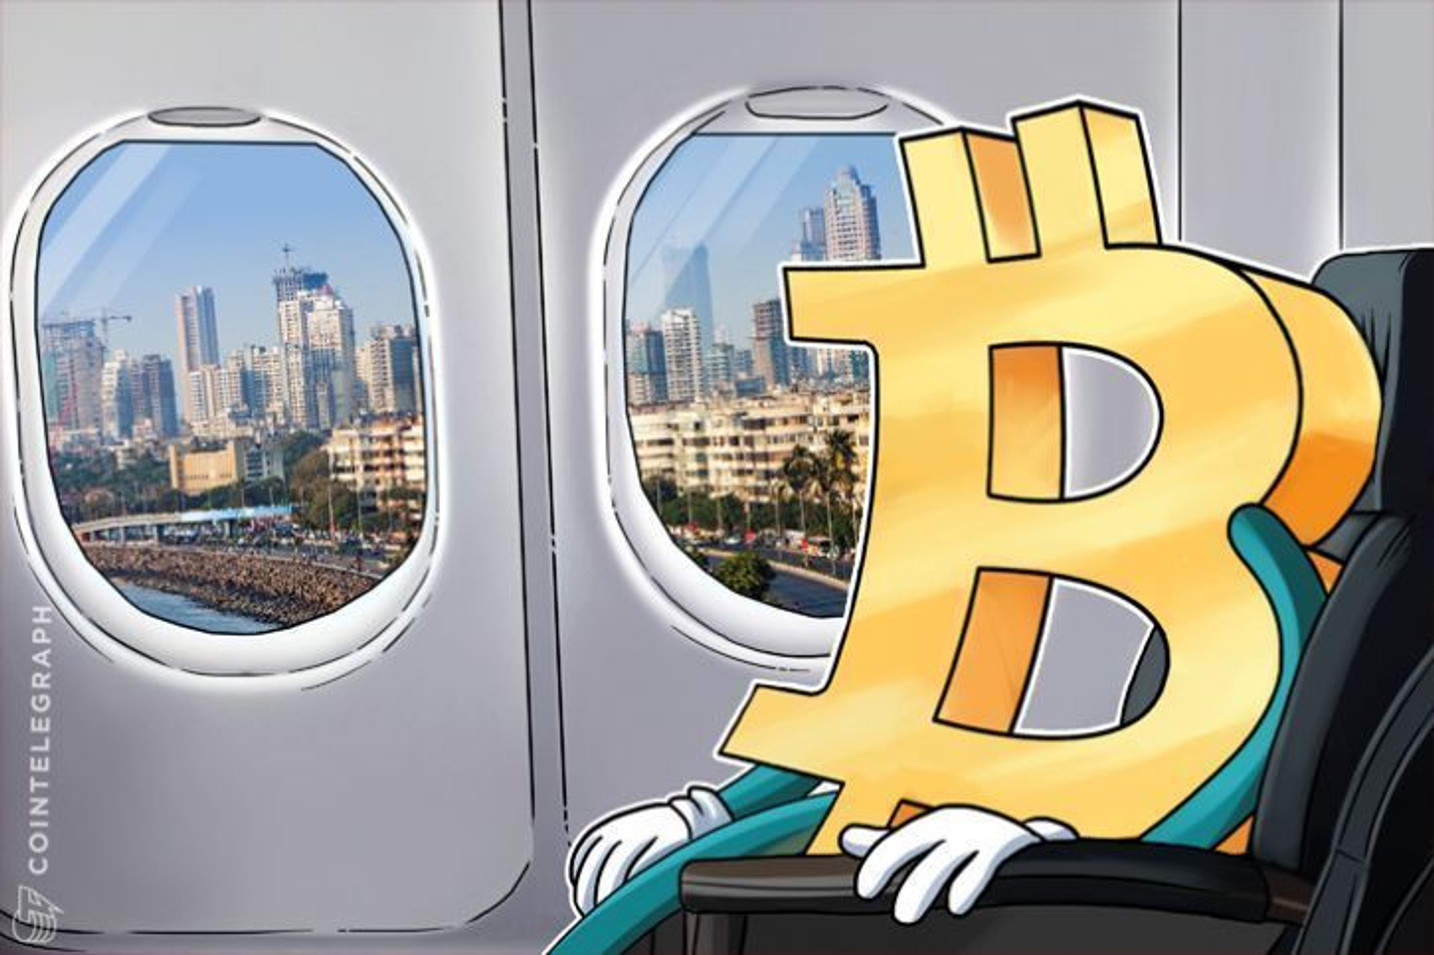 Privatni avio prevoznik Surf Air prihvata Bitkoin i Itirijum